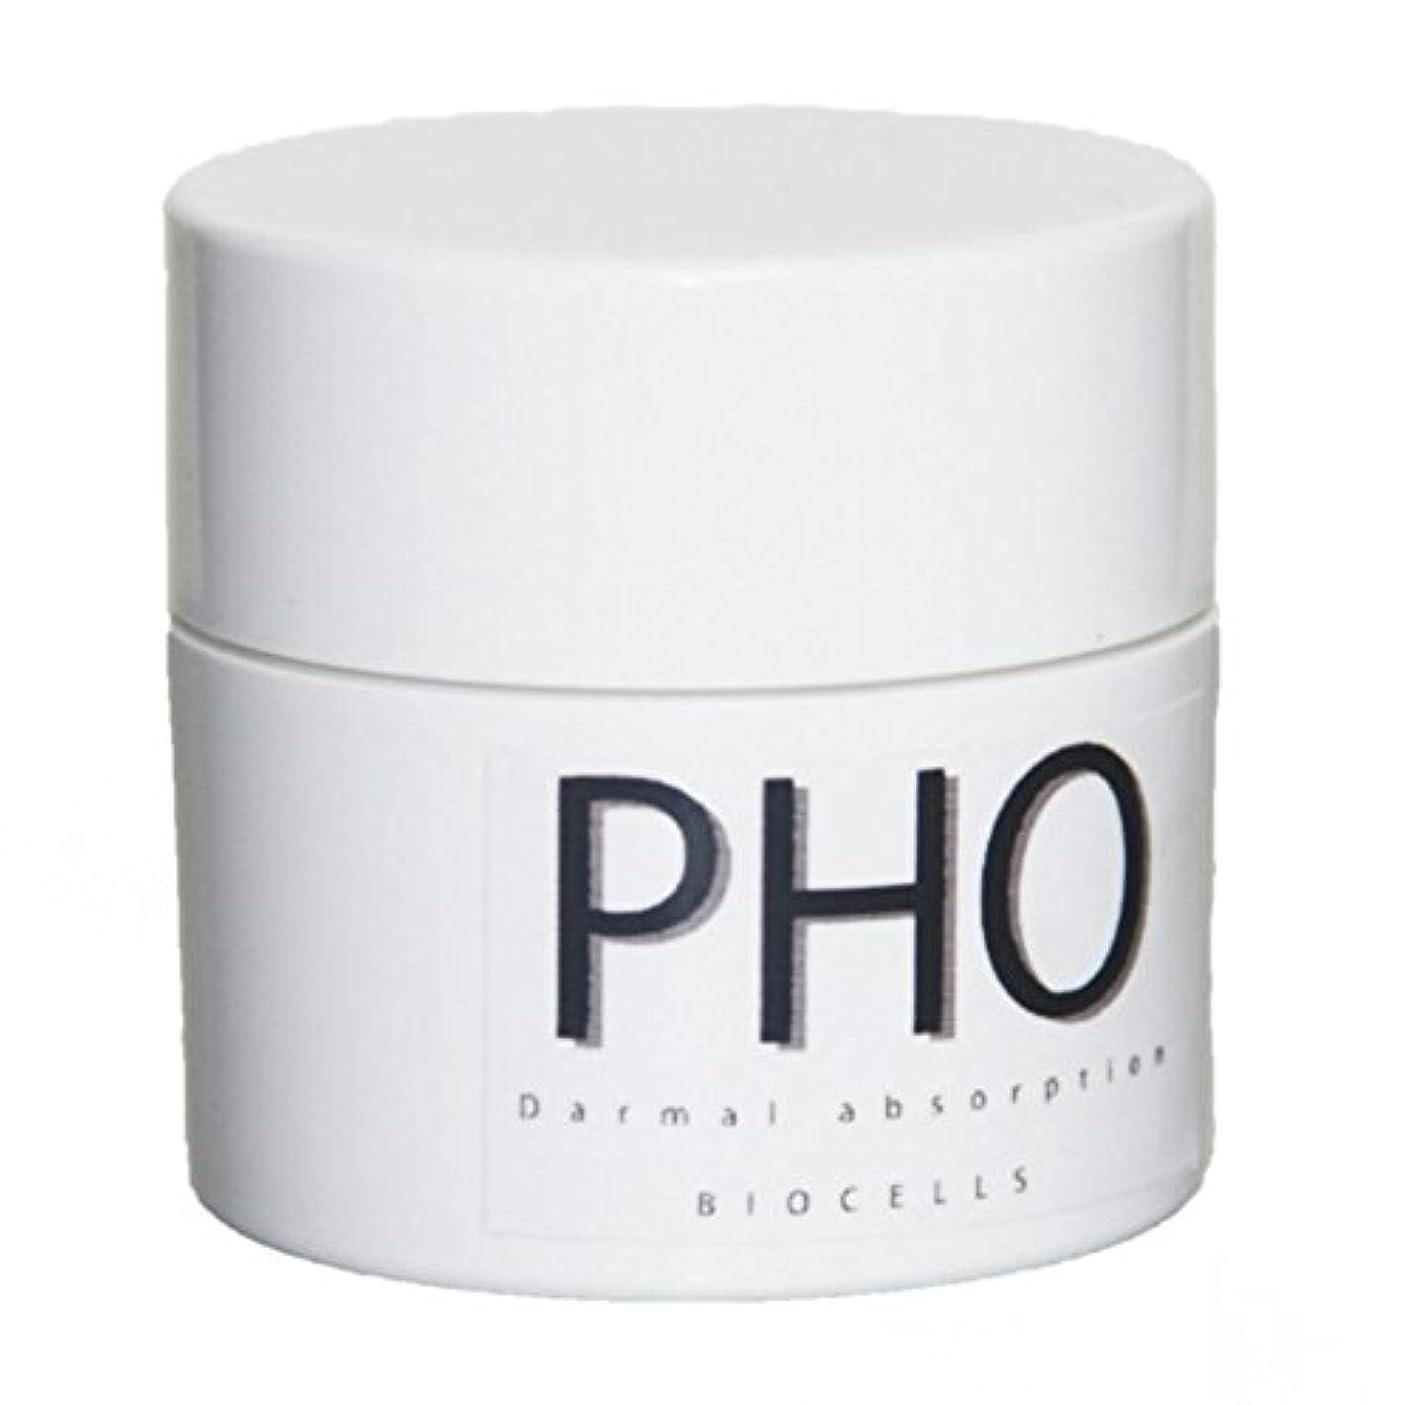 オッズダイバー出口PHO ボディケアメソクリーム 50g (香料、着色料不使用)